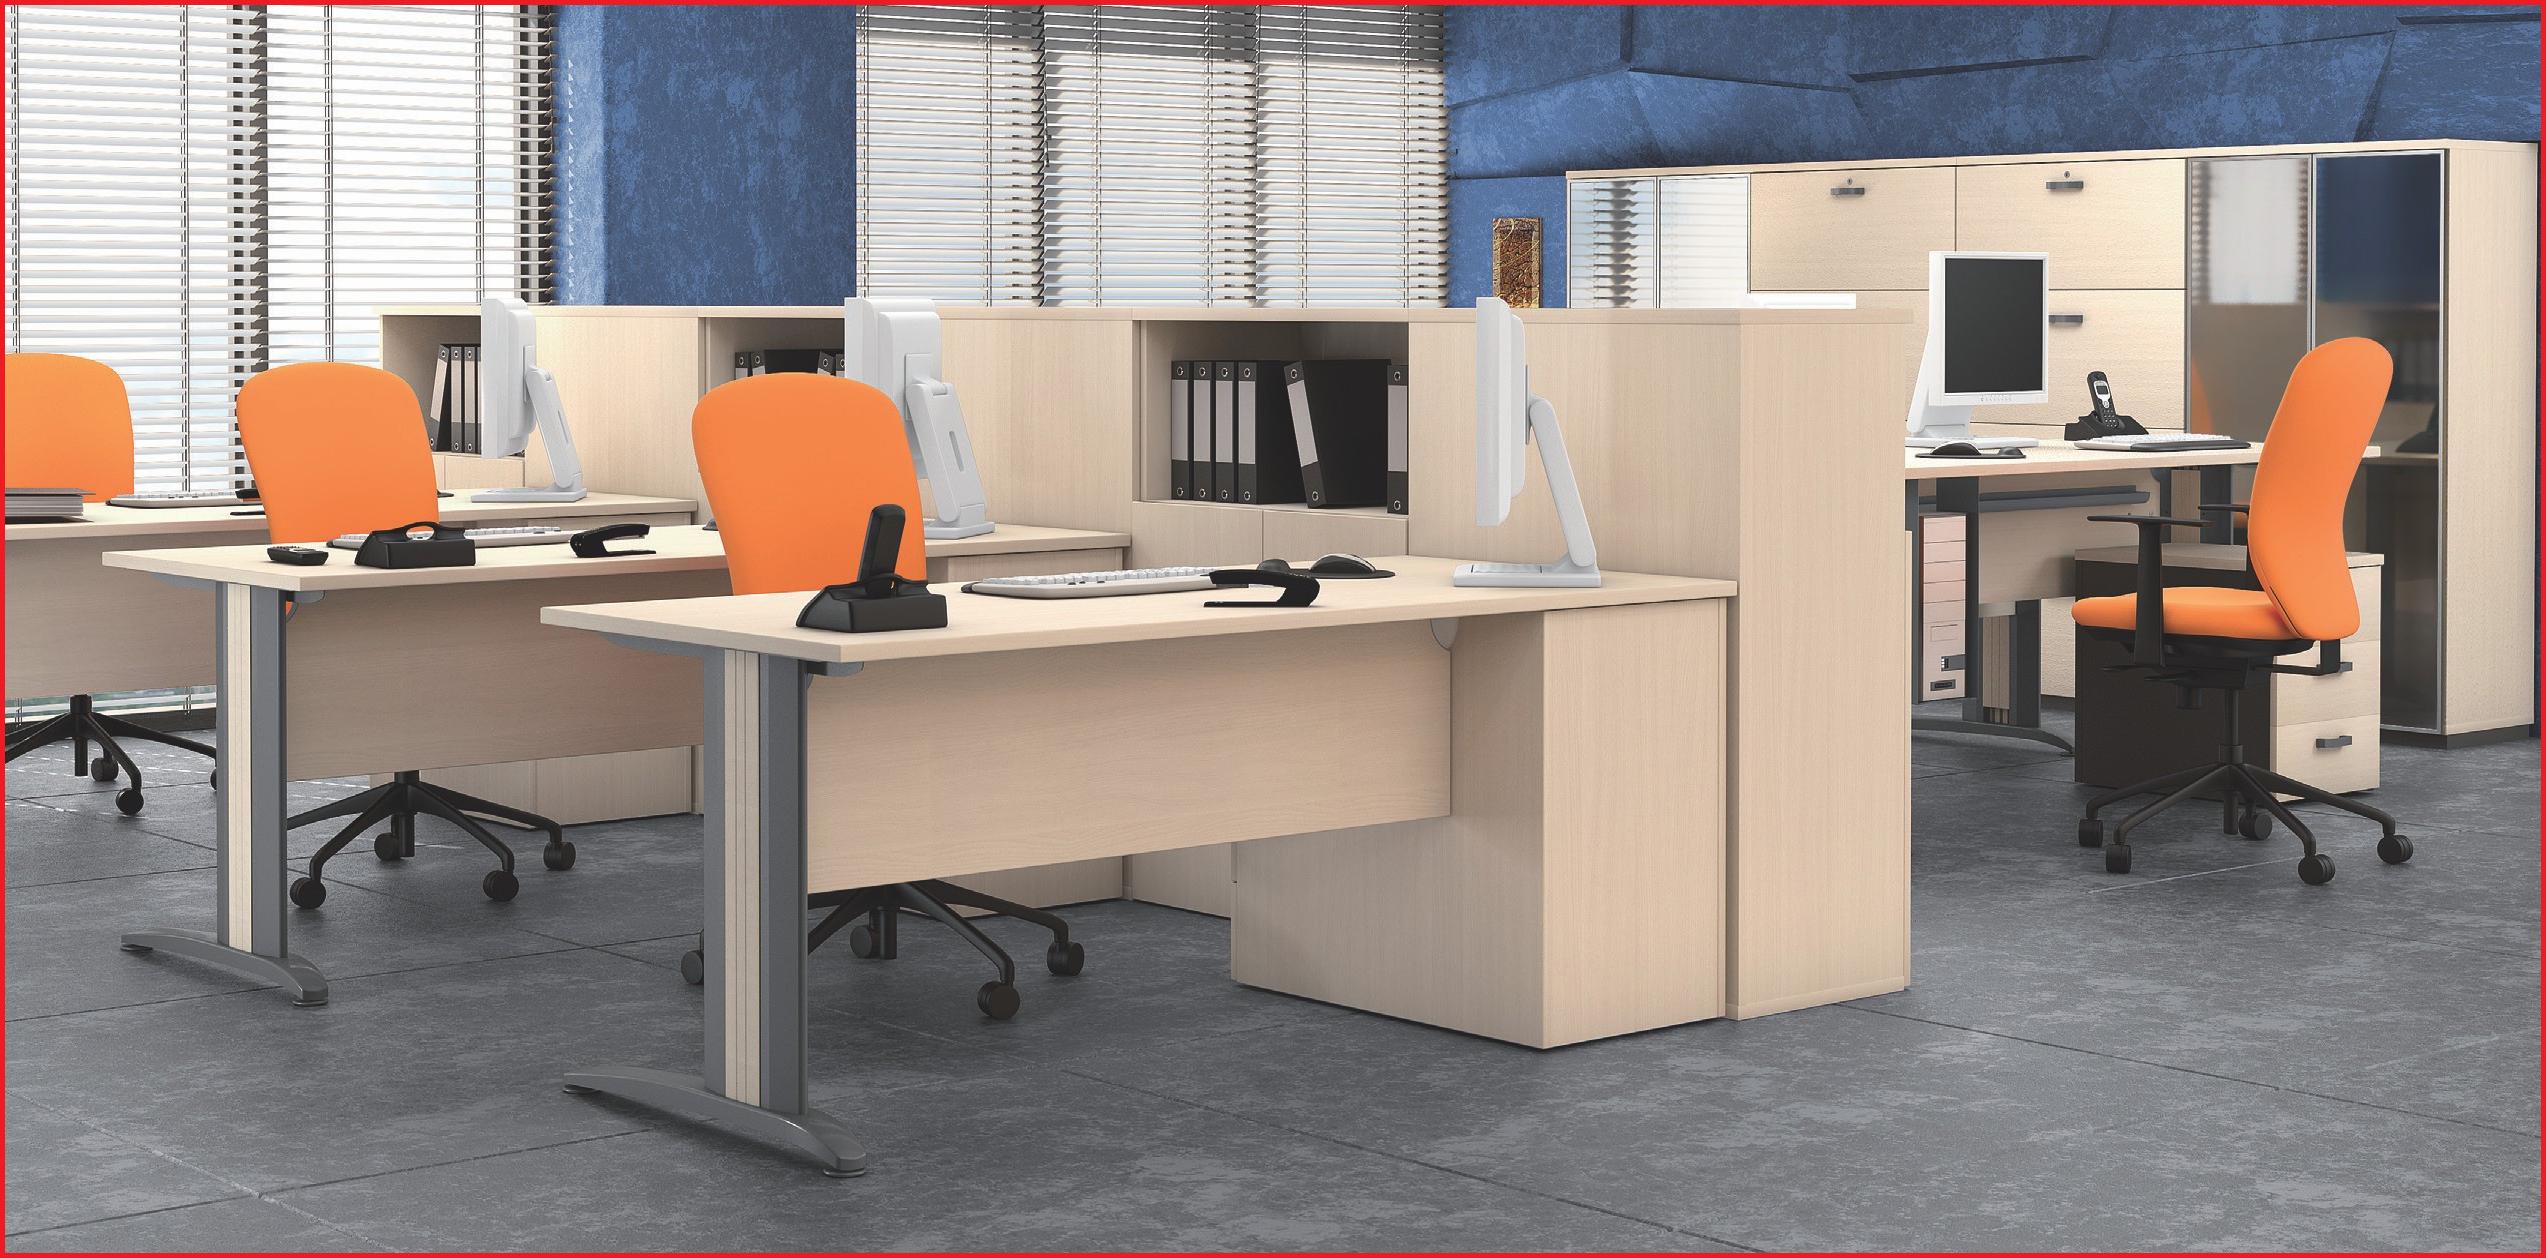 Muebles De Oficina De Segunda Mano O2d5 Muebles Oficina Segunda Mano Madrid Mobiliario Icina Barato